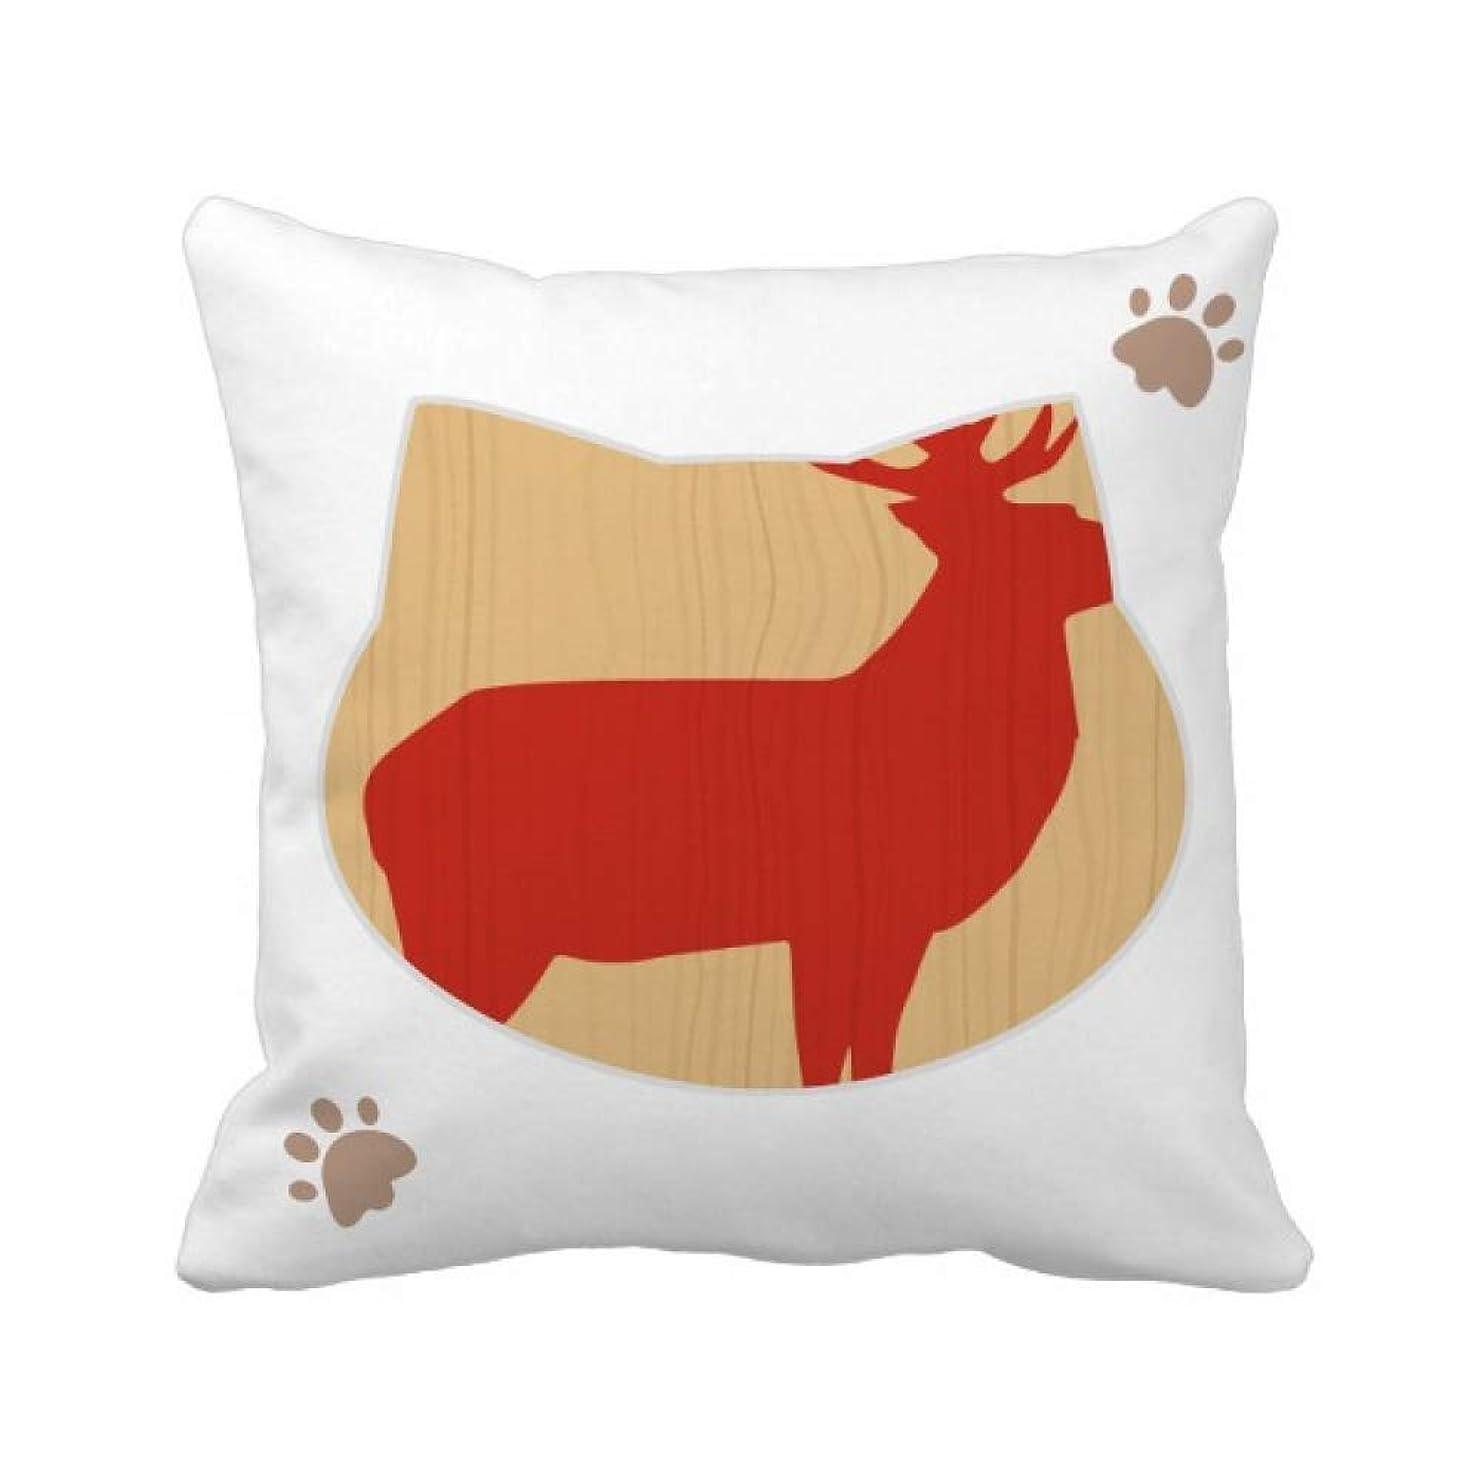 素晴らしさ寂しいプール鹿の動物の赤木目 枕カバーを放り投げる猫広場 50cm x 50cm